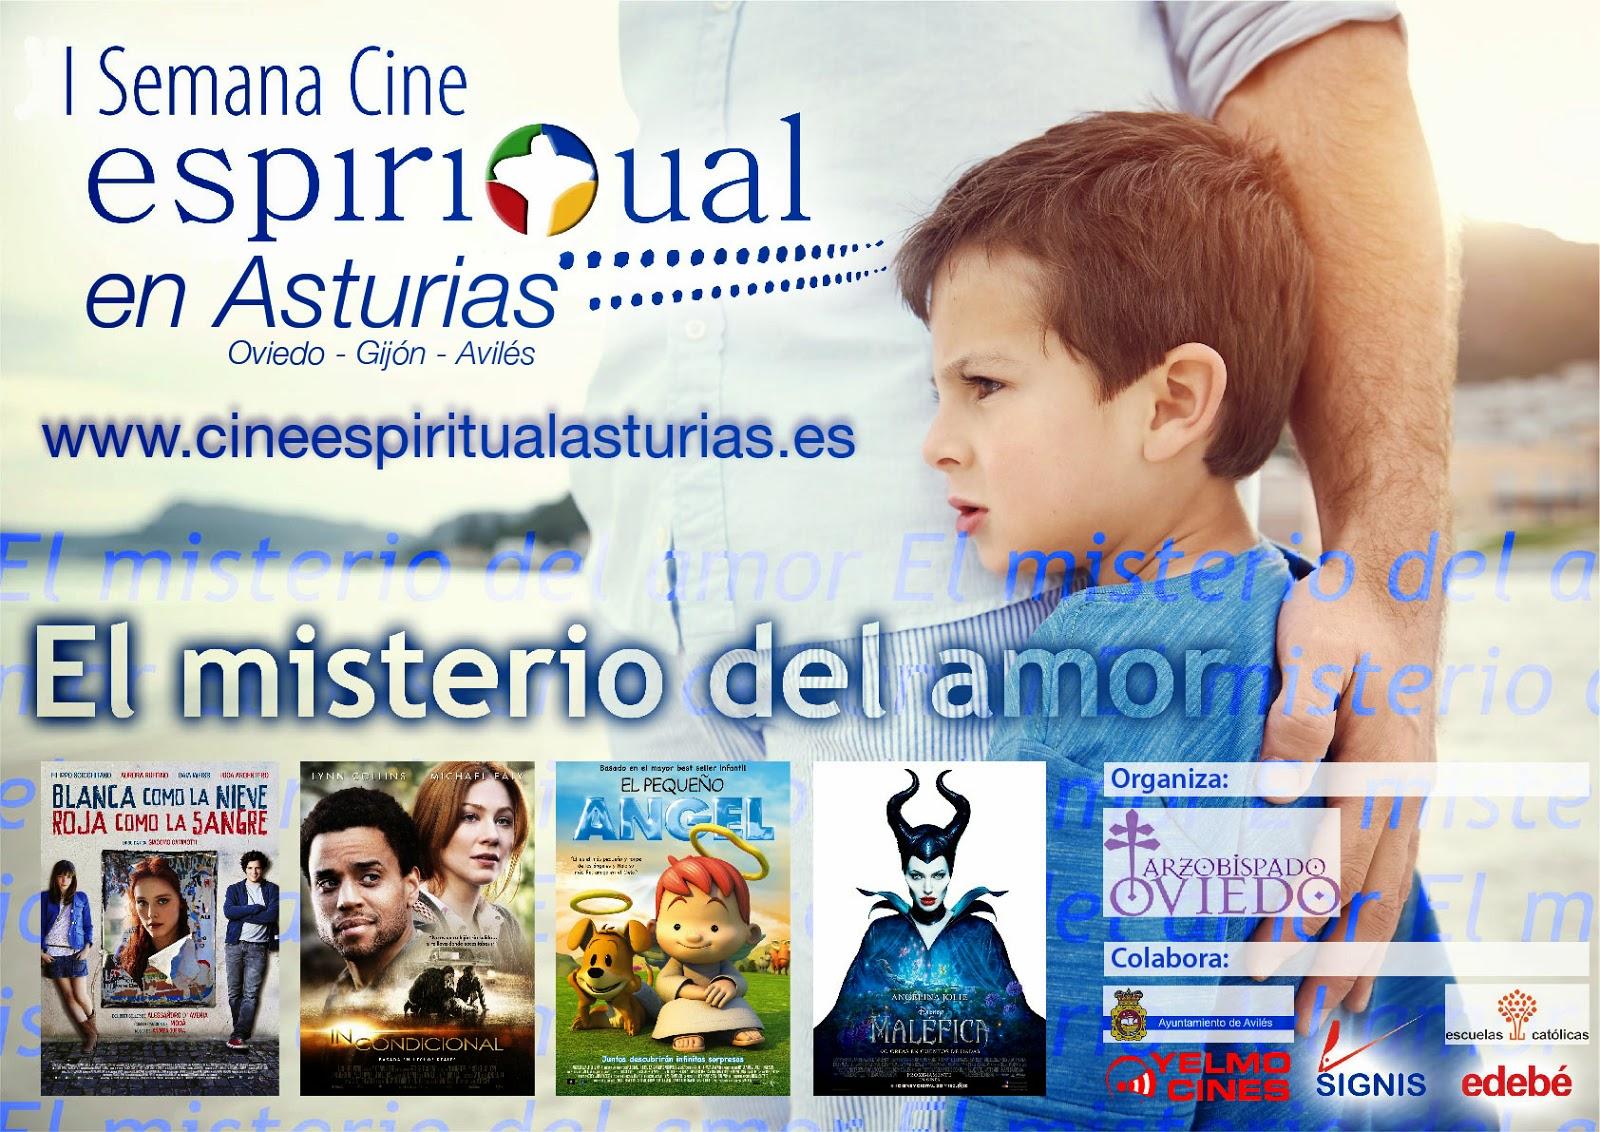 http://www.cineespiritualasturias.es/index.php